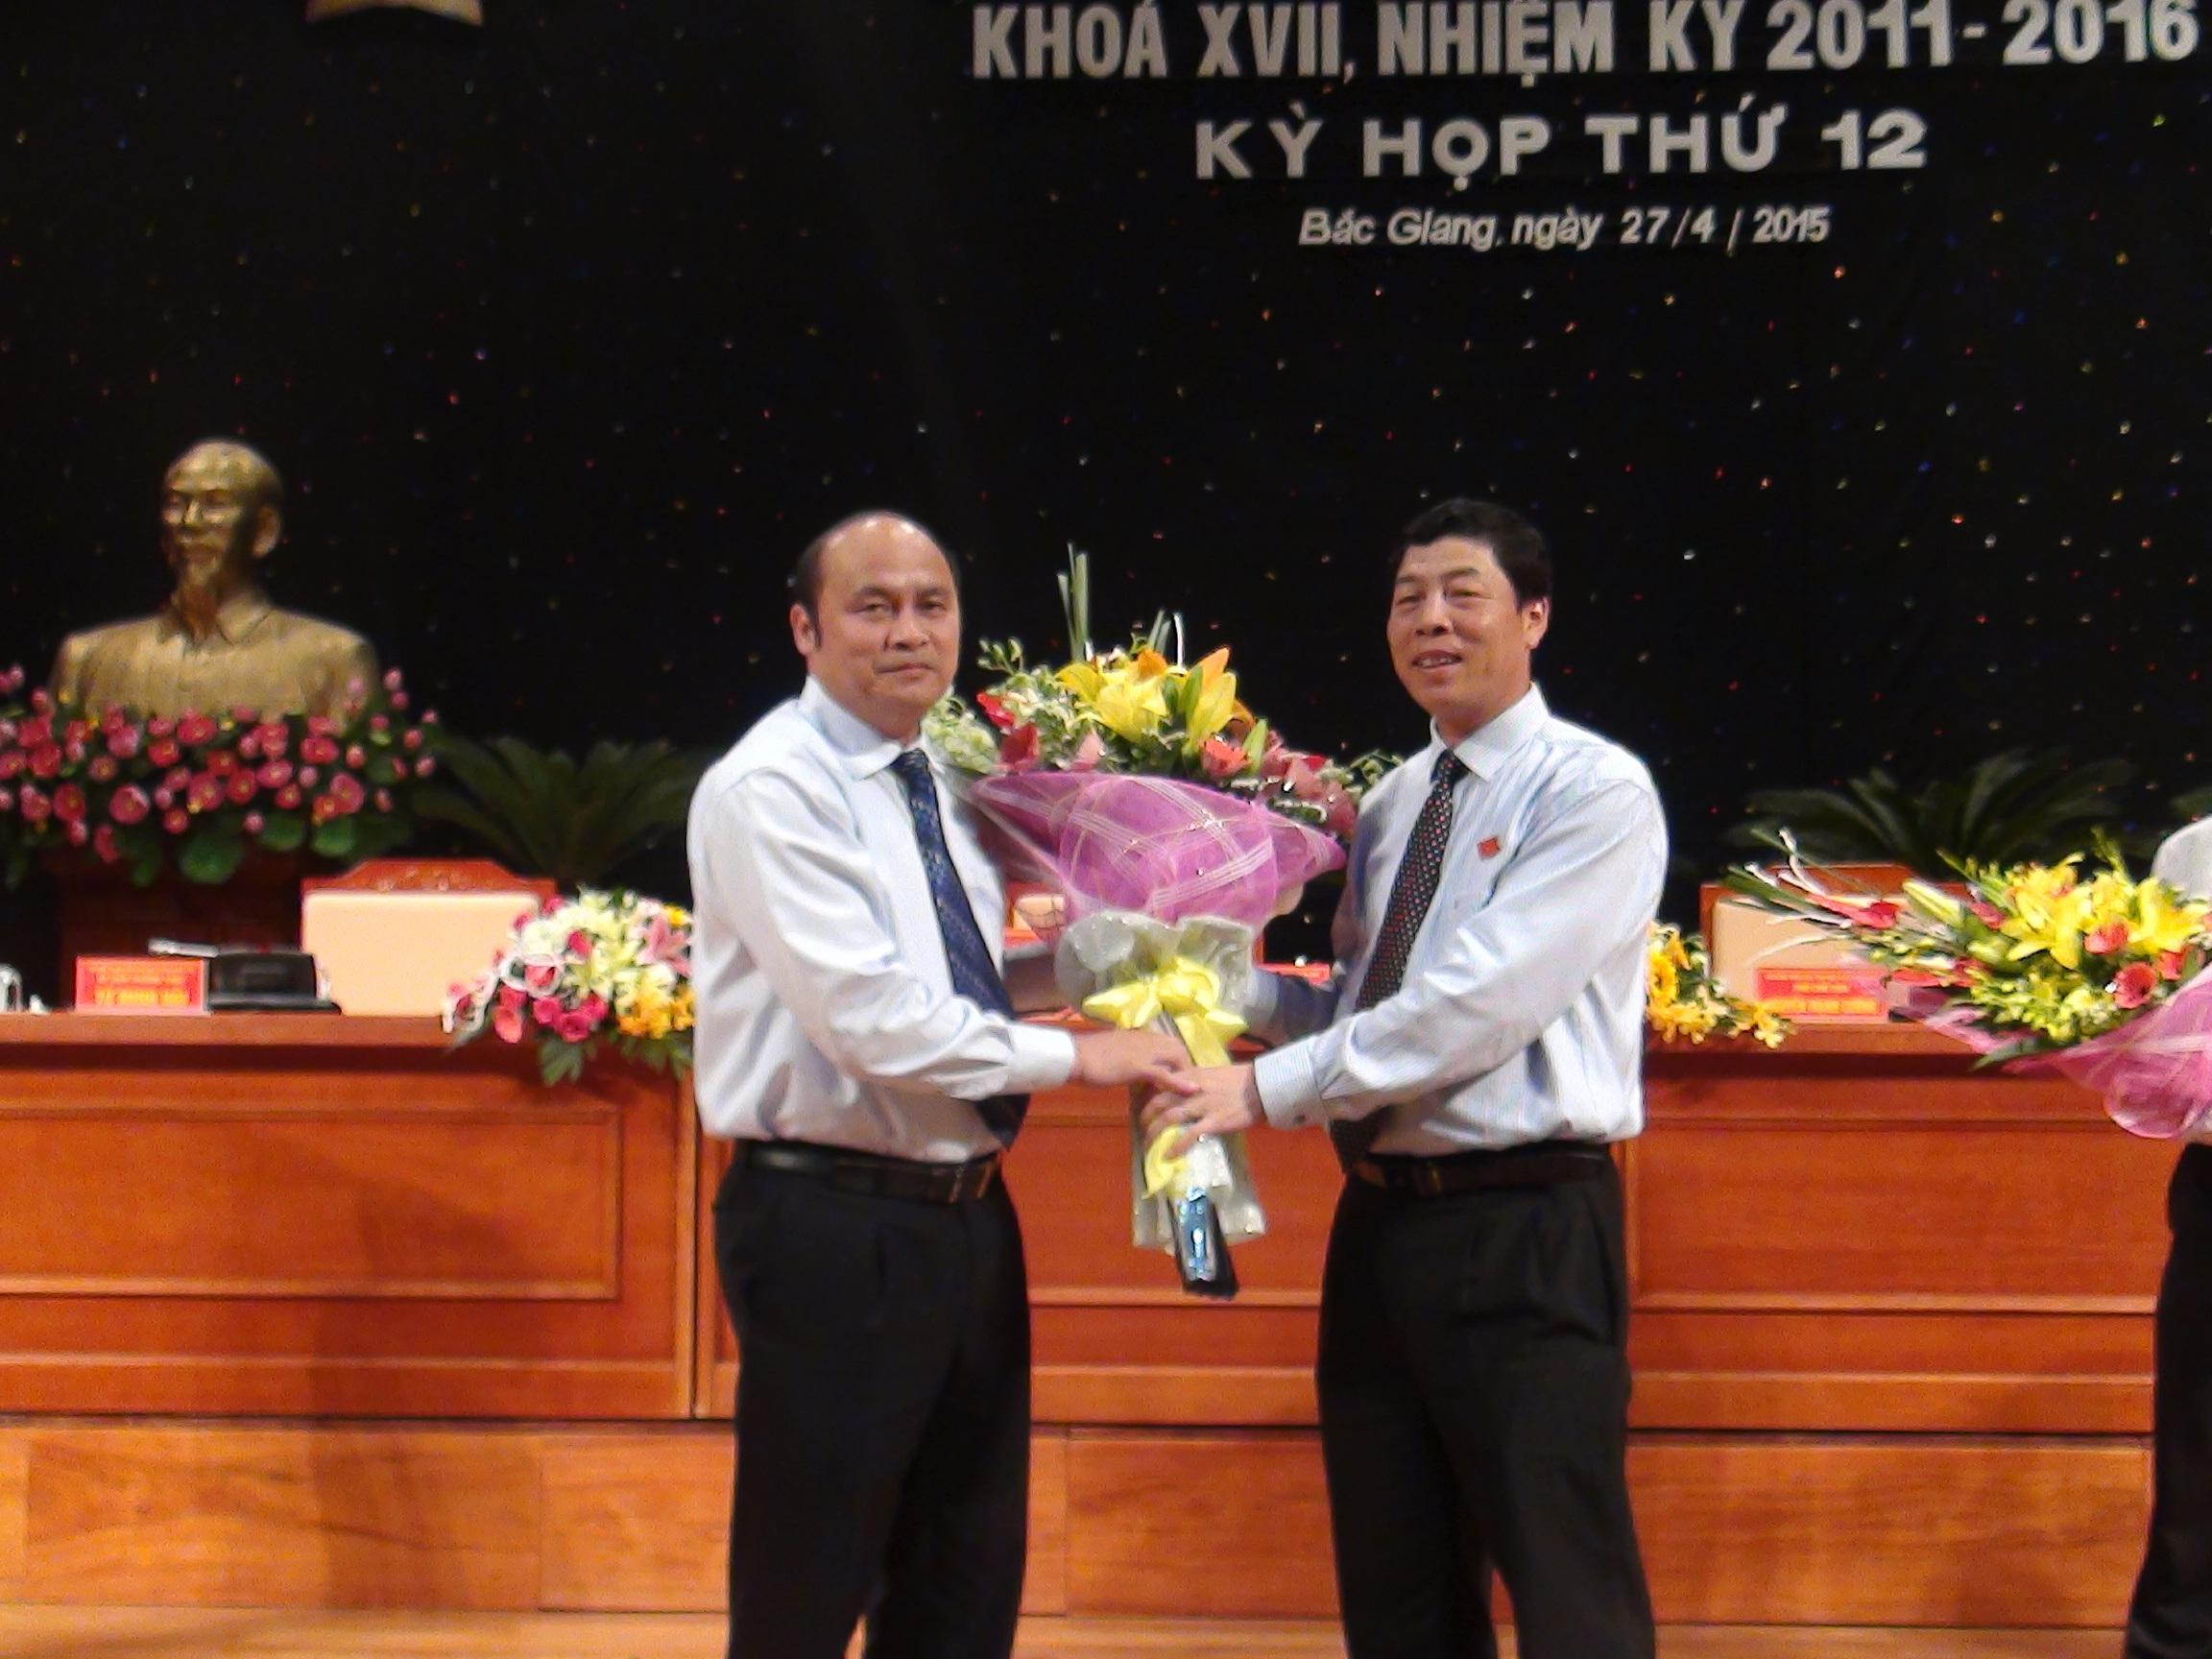 Bí thư Tỉnh uỷ Bắc Giang Bùi Văn Hải tặng hoa chúc mừng tân Chủ tịch UBND tỉnh Nguyễn Văn Linh.